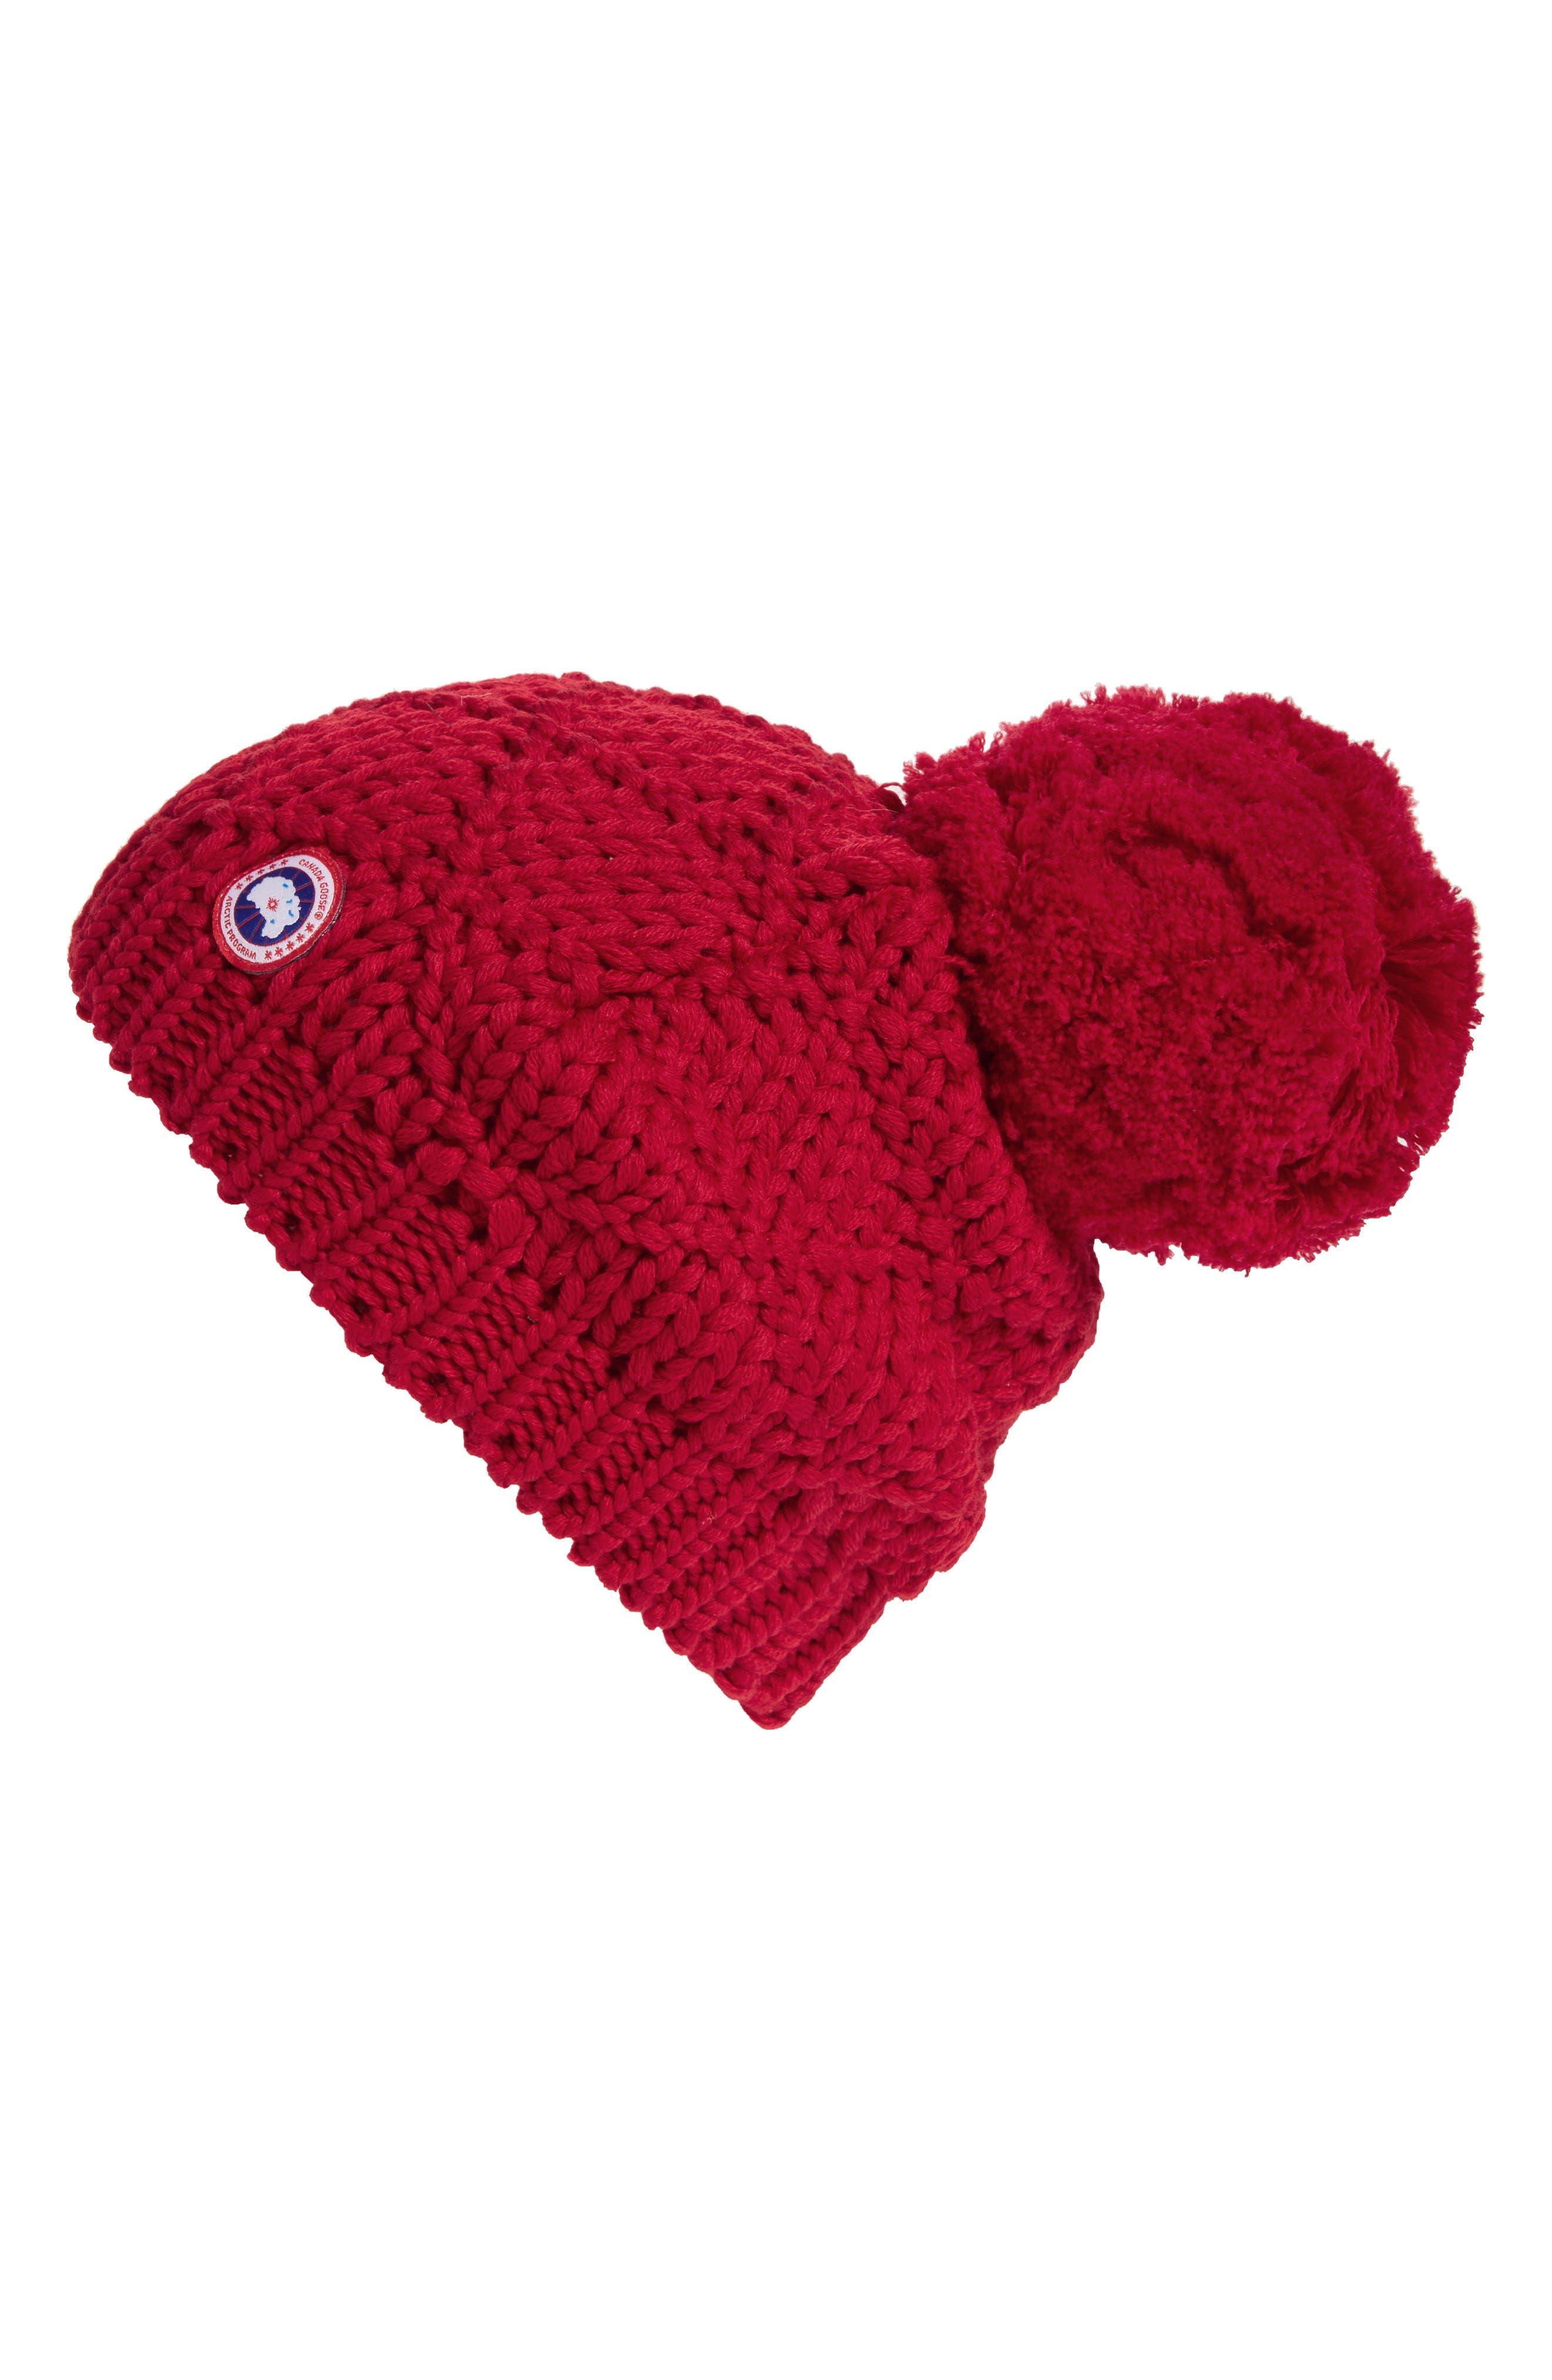 Main Image - Canada Goose Pom Merino Wool Beanie